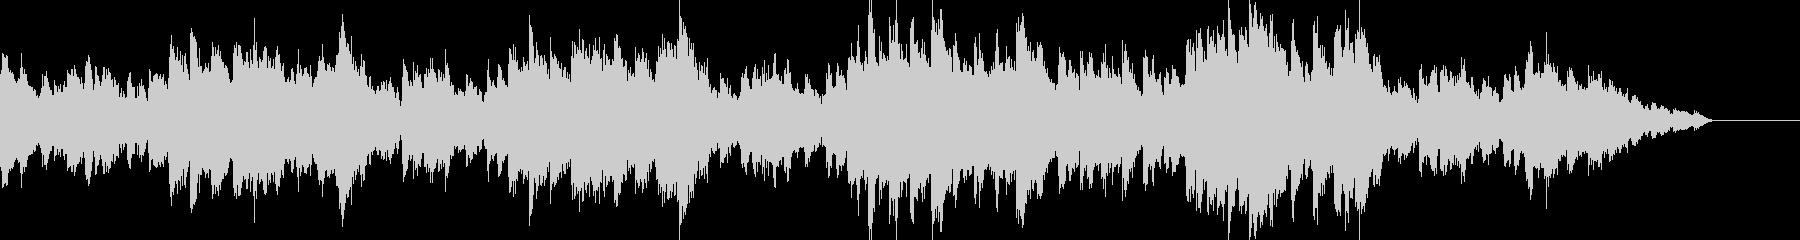 悲しく美しいピアノシンセの未再生の波形